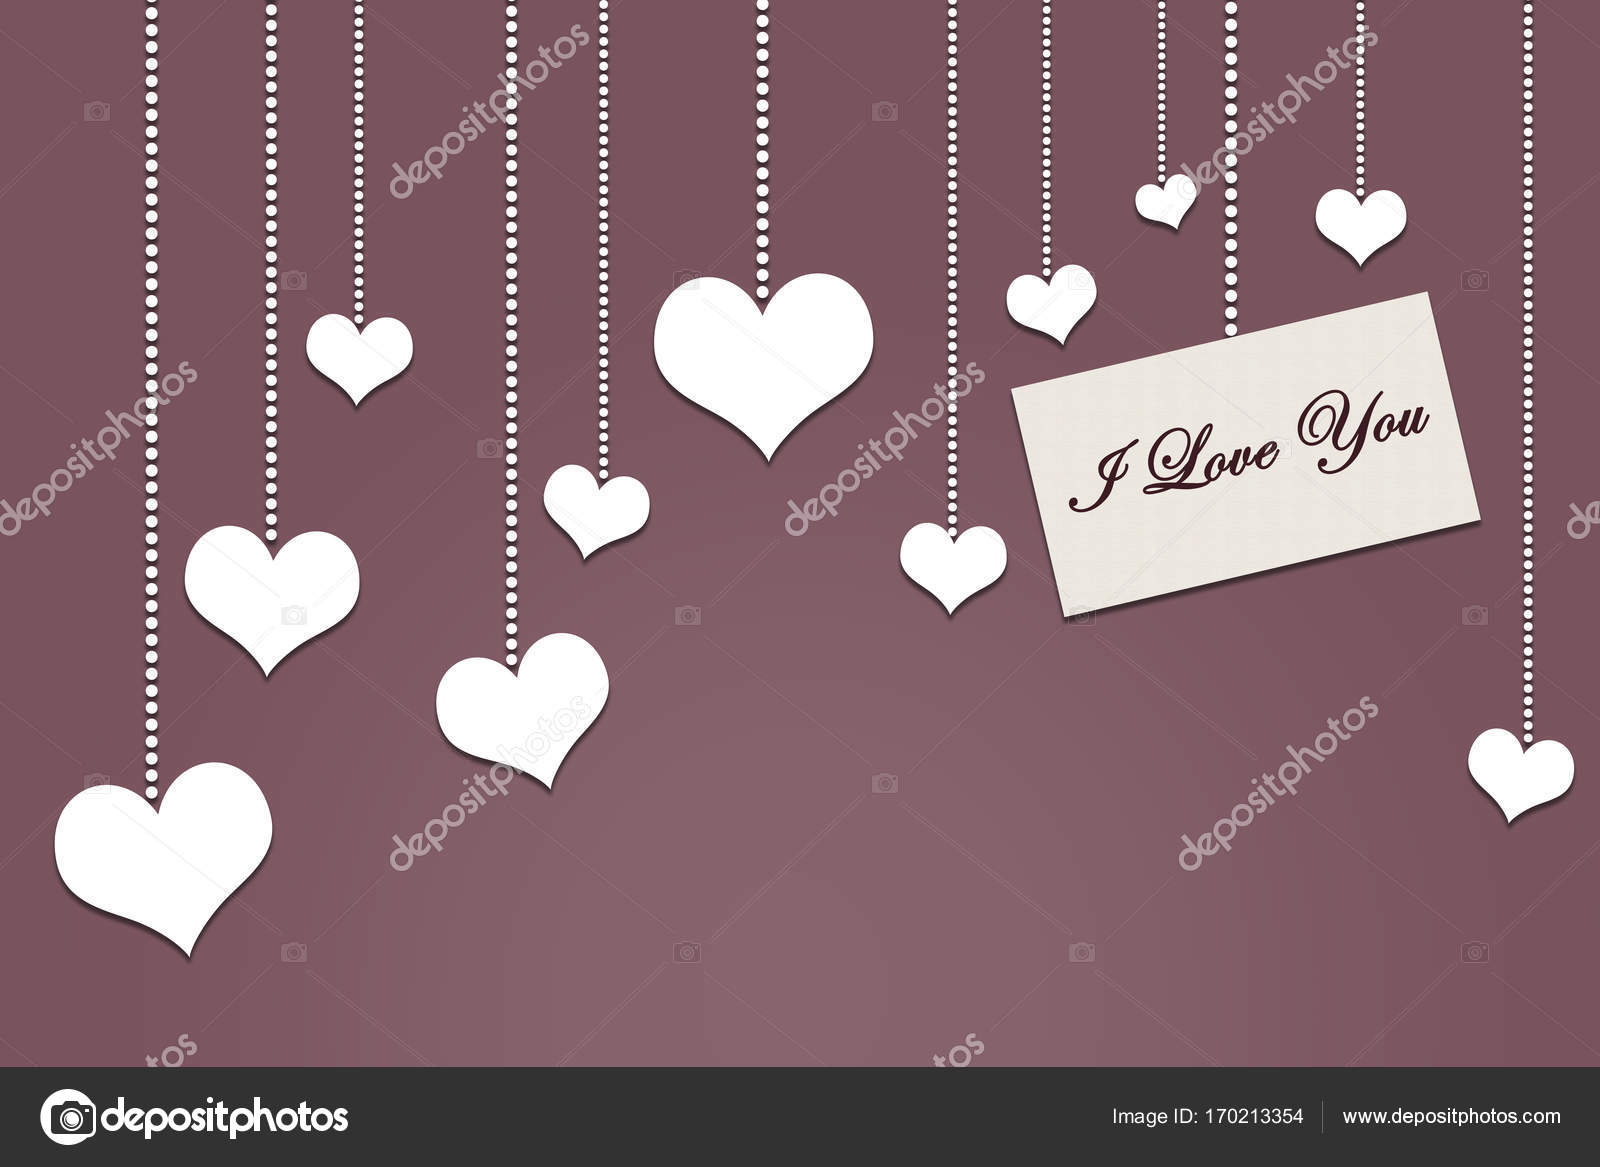 Happy Valentine S Day 3d Stock Photo C Vero Ro39 170213354